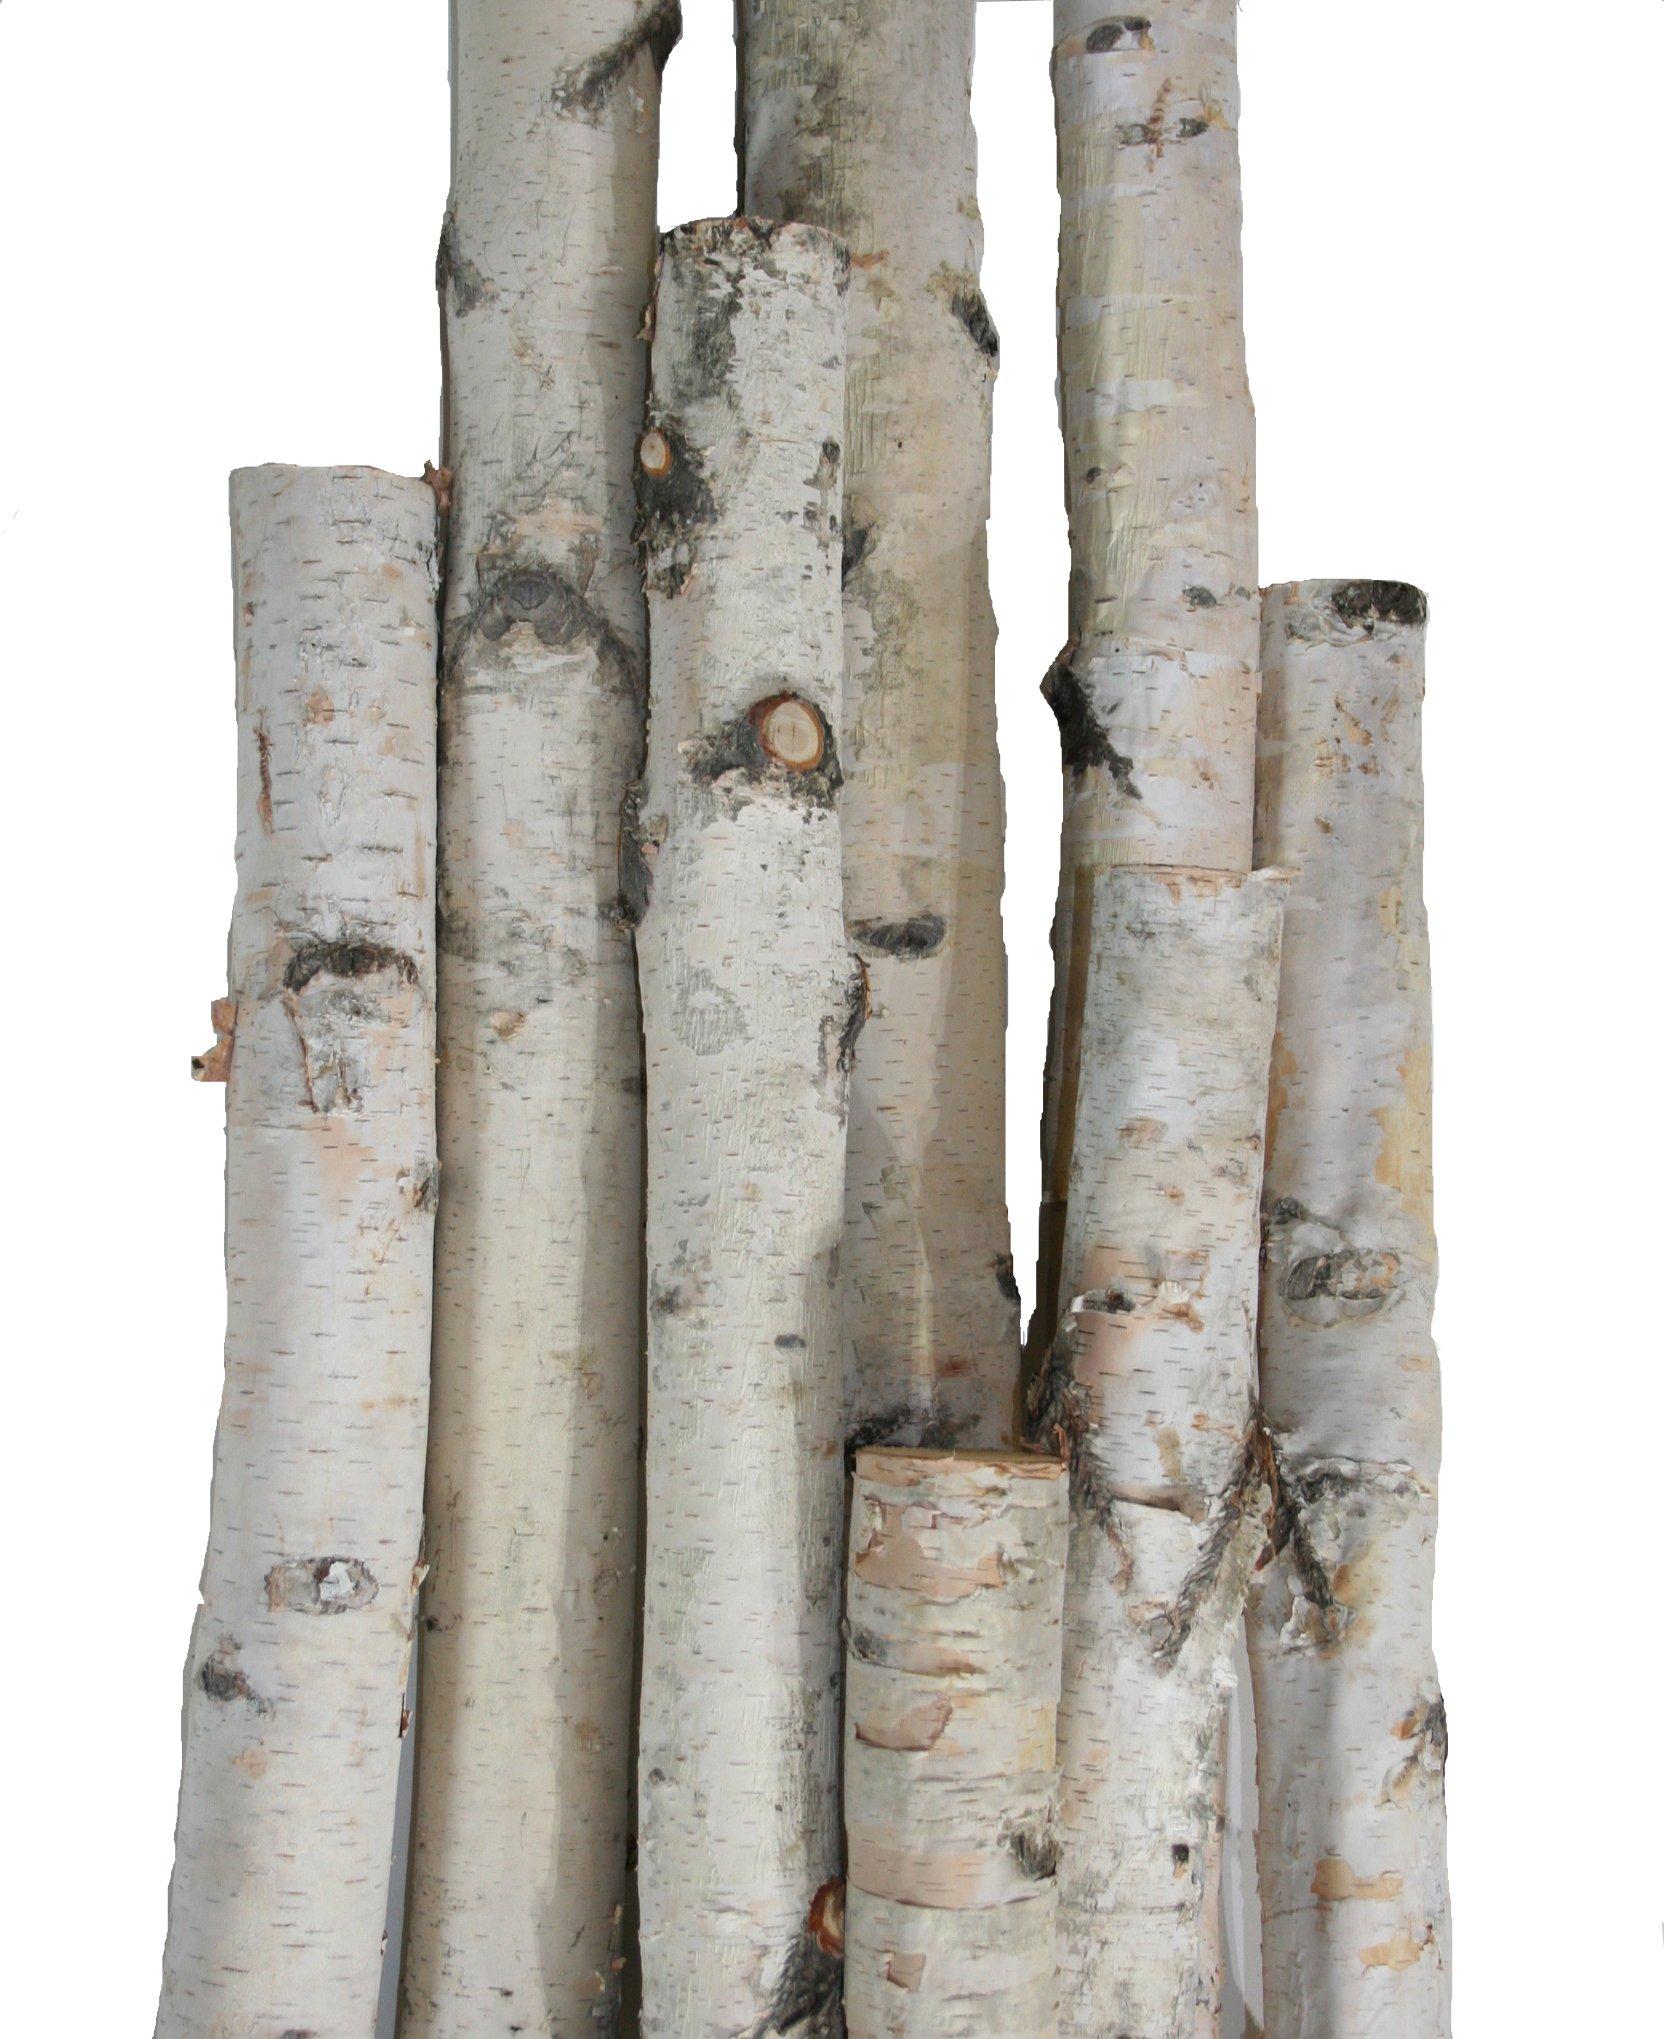 Wilson Enterprises White Birch Pole Packs, Natural, Kiln Dried White Birch Poles (Small- 3, 4, 5 ft Long x 1.5-2.5 inch Diameter) by Wilson Enterprises